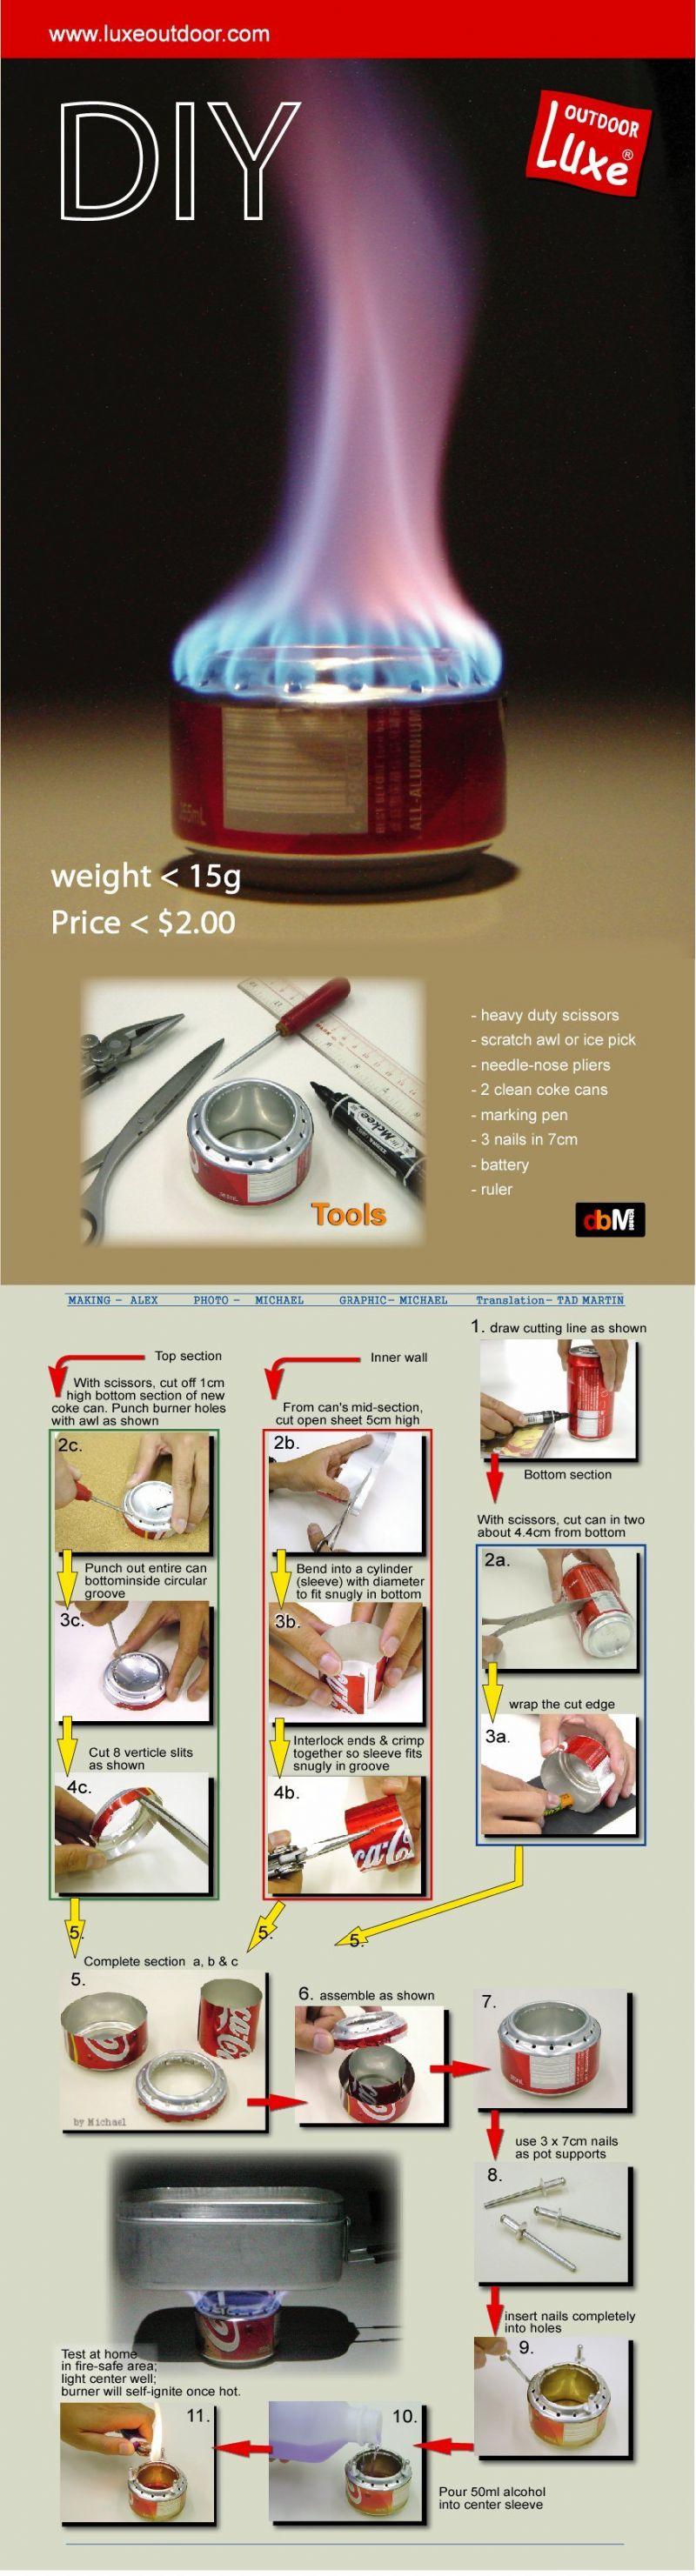 cosas utiles que puedes hacer en casa